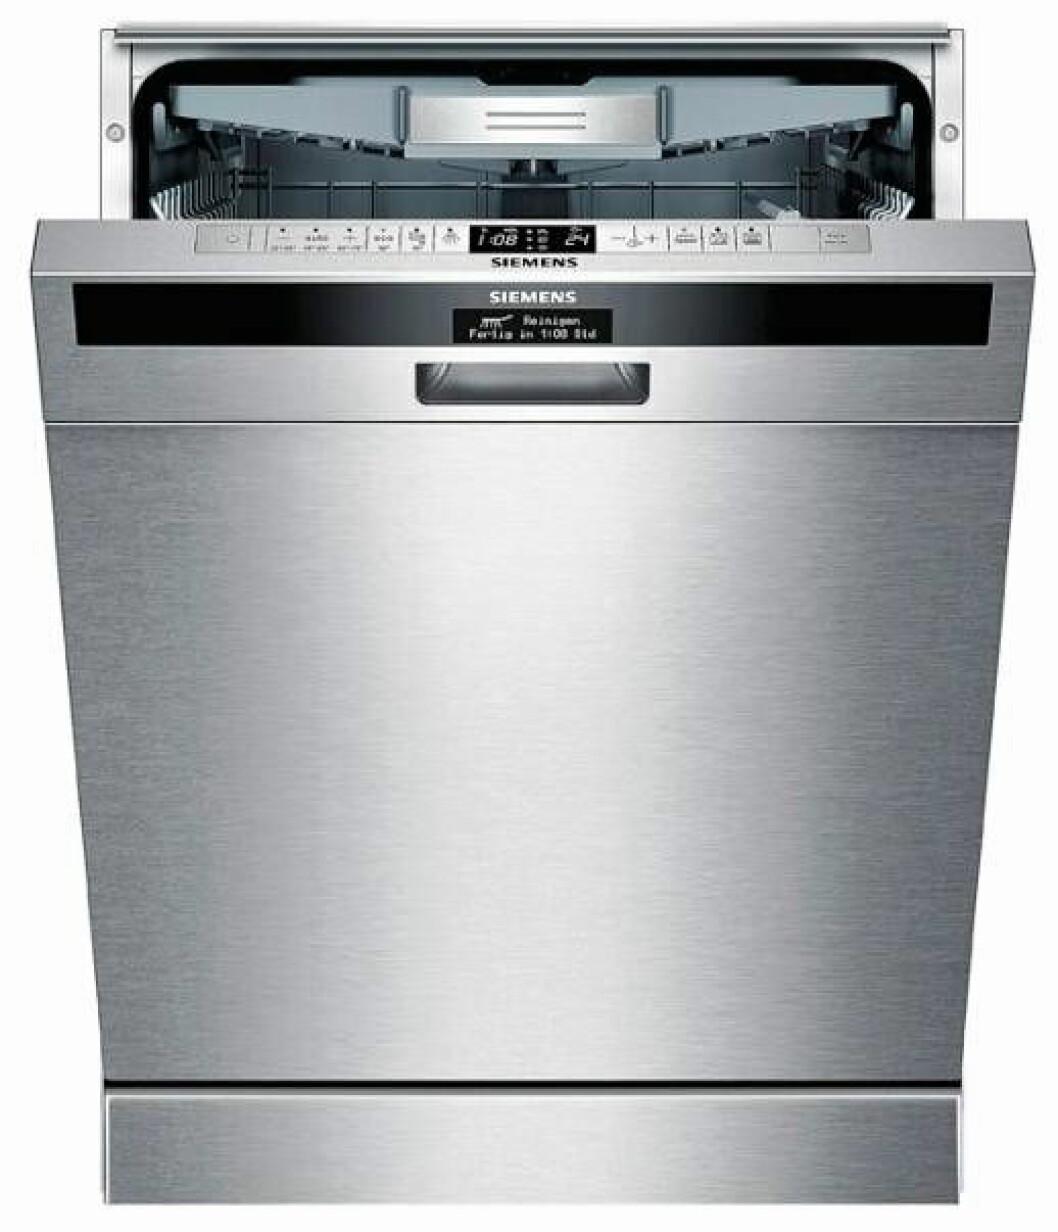 Siemens oppvaskmaskin1